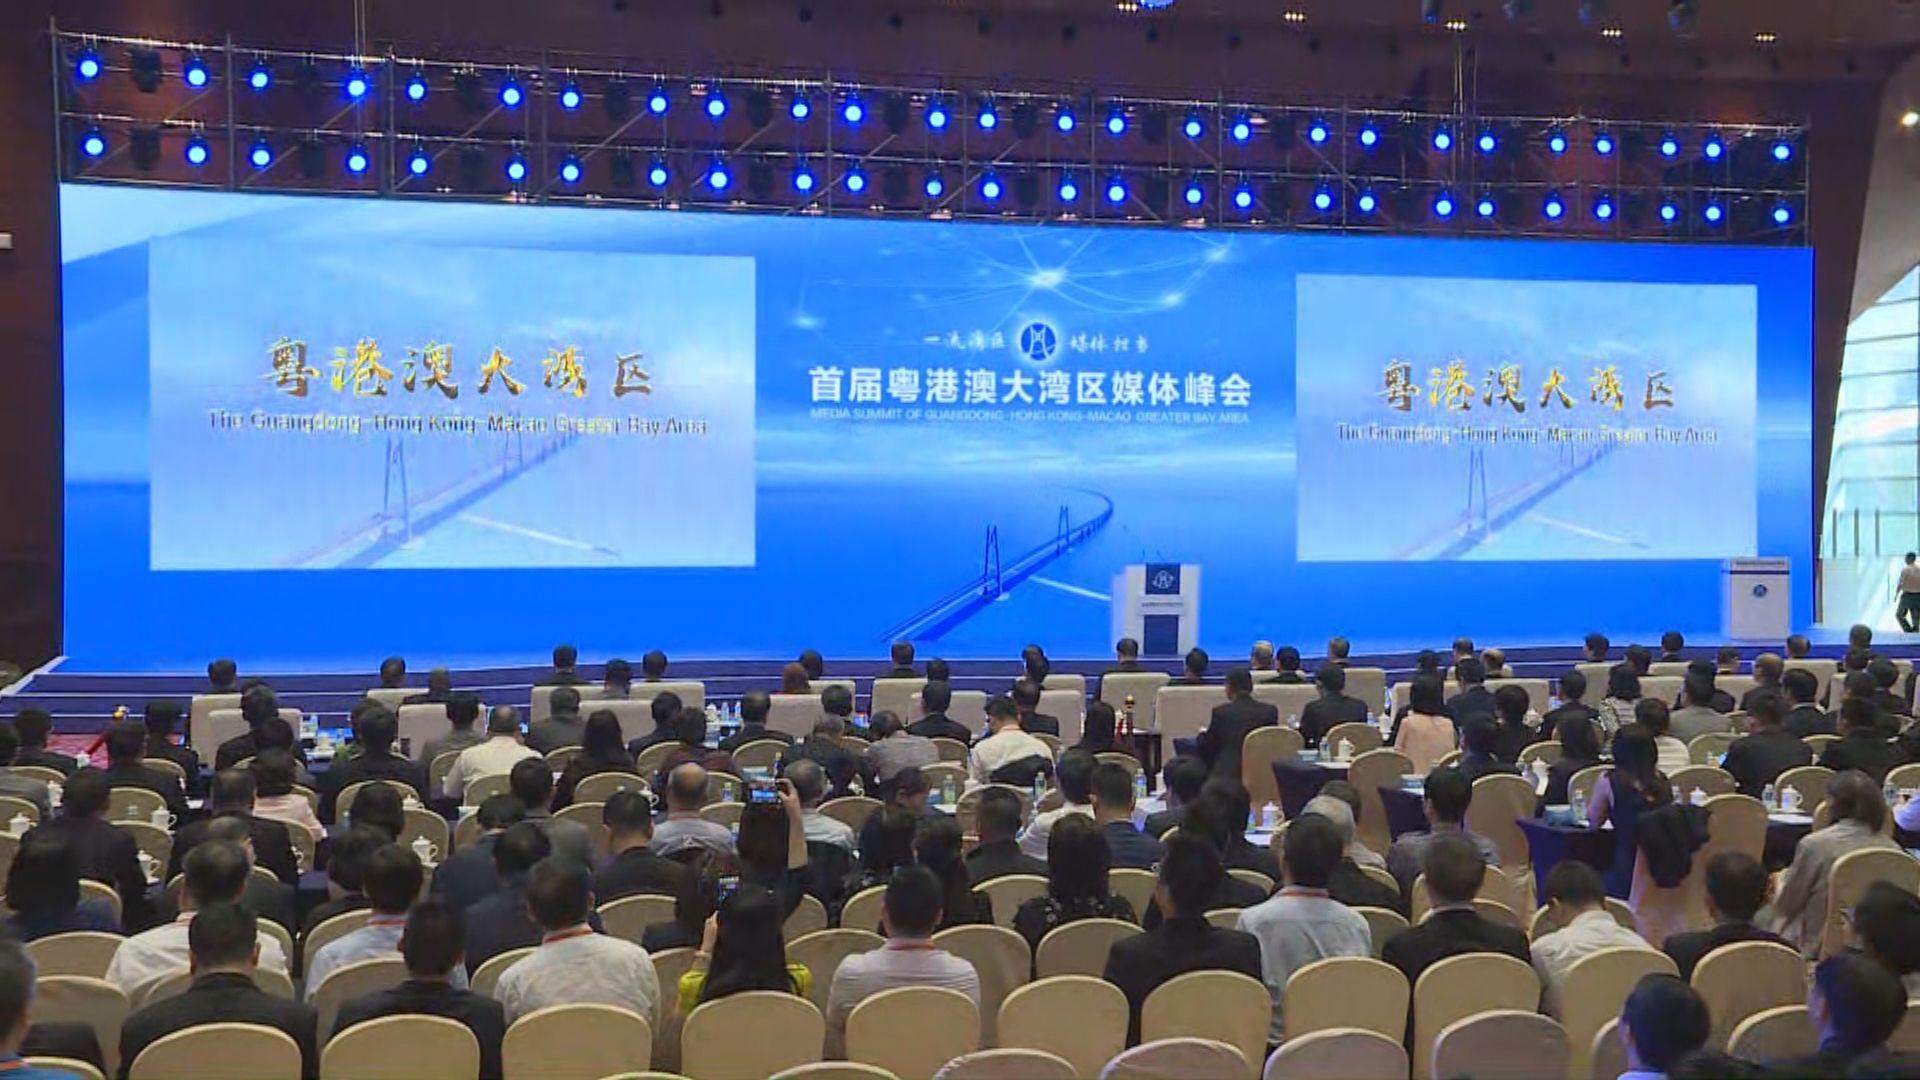 林鄭月娥:傳媒可深入客觀報道大灣區